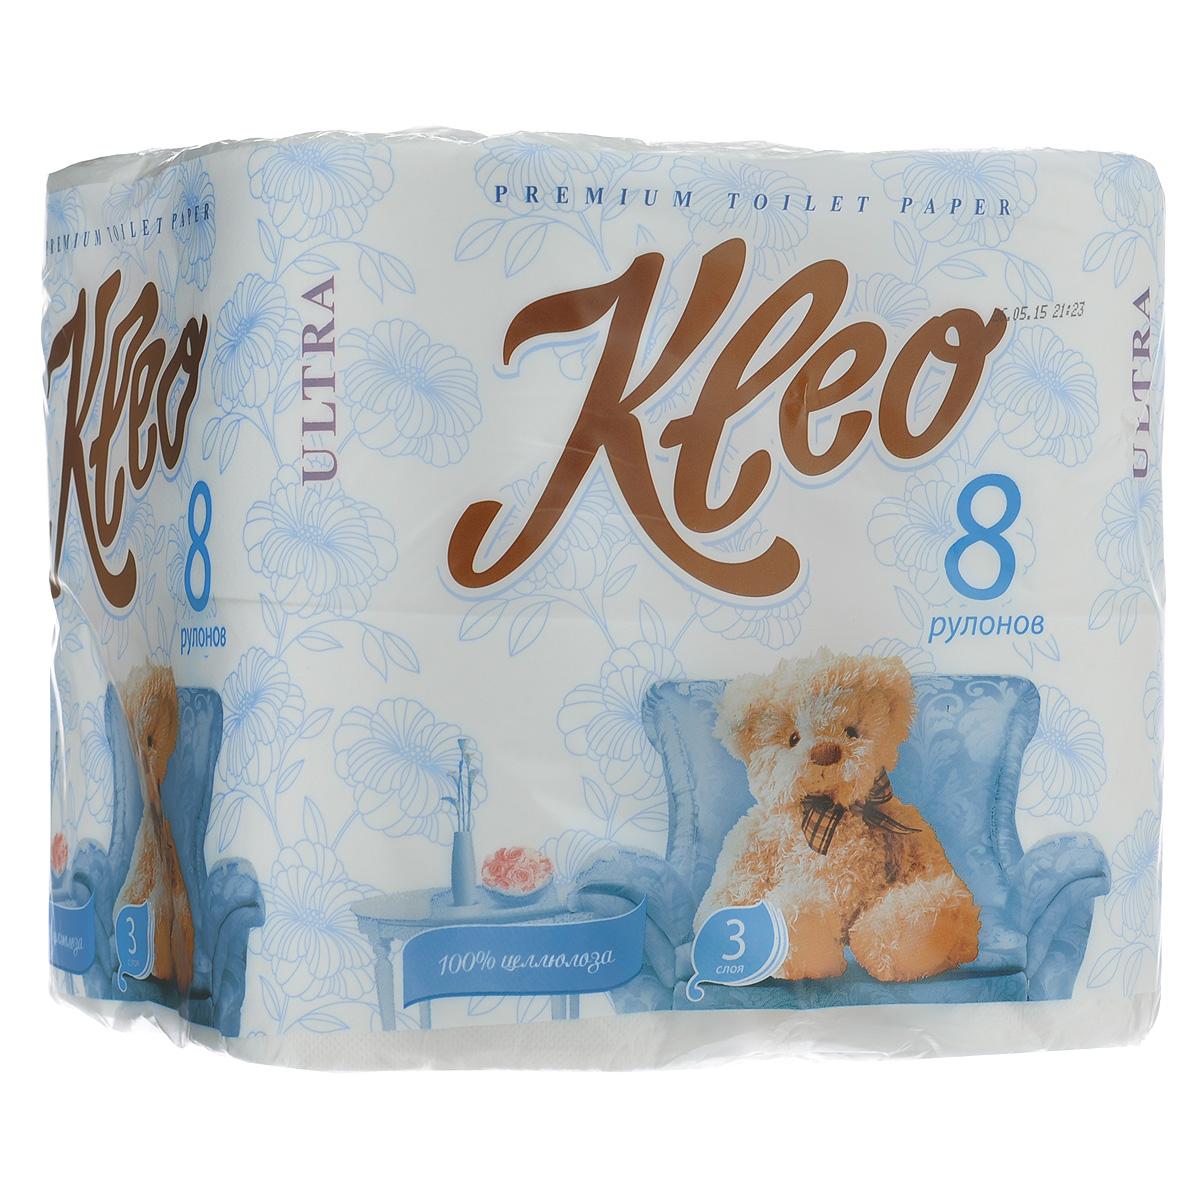 Туалетная бумага Мягкий знак Kleo Ultra, трехслойная, цвет: белый, 8 рулоновC130Трехслойная туалетная бумага Мягкий знак Kleo Ultra, выполненная из натуральной целлюлозы с тиснением в виде бабочек, обеспечивает превосходный комфорт и ощущение чистоты и свежести. Она отличается необыкновенной мягкостью и прочностью. Бумага хорошо перфорирована, не расслаивается и отрывается строго по просечке. Состав: 100% целлюлоза. Размер листа: 12,5 см х 9,6 см. Количество листов: 168 шт.